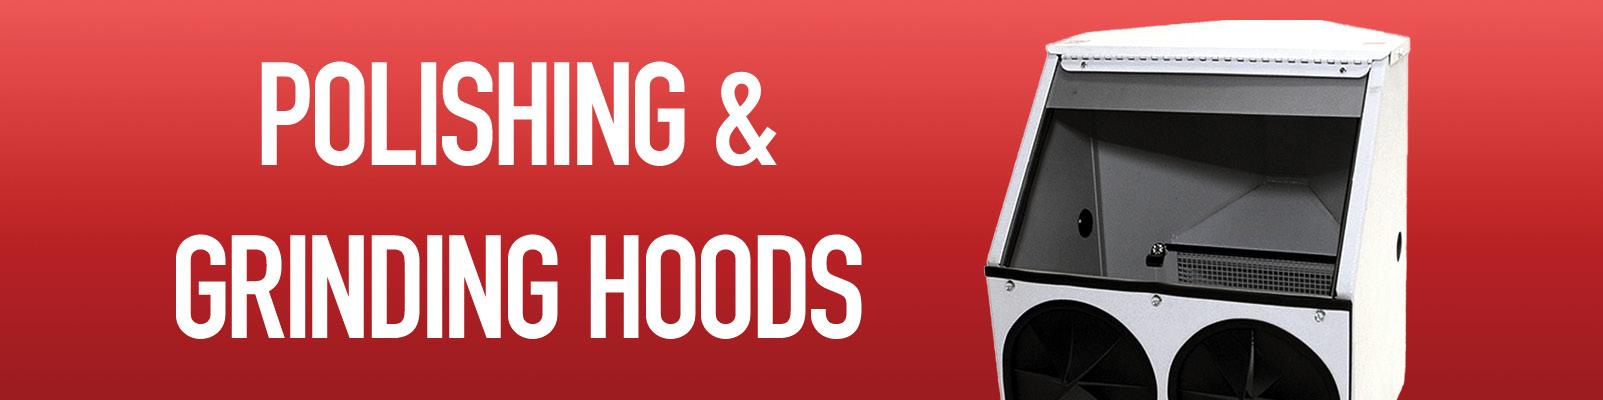 Polishing & Grinding Hoods